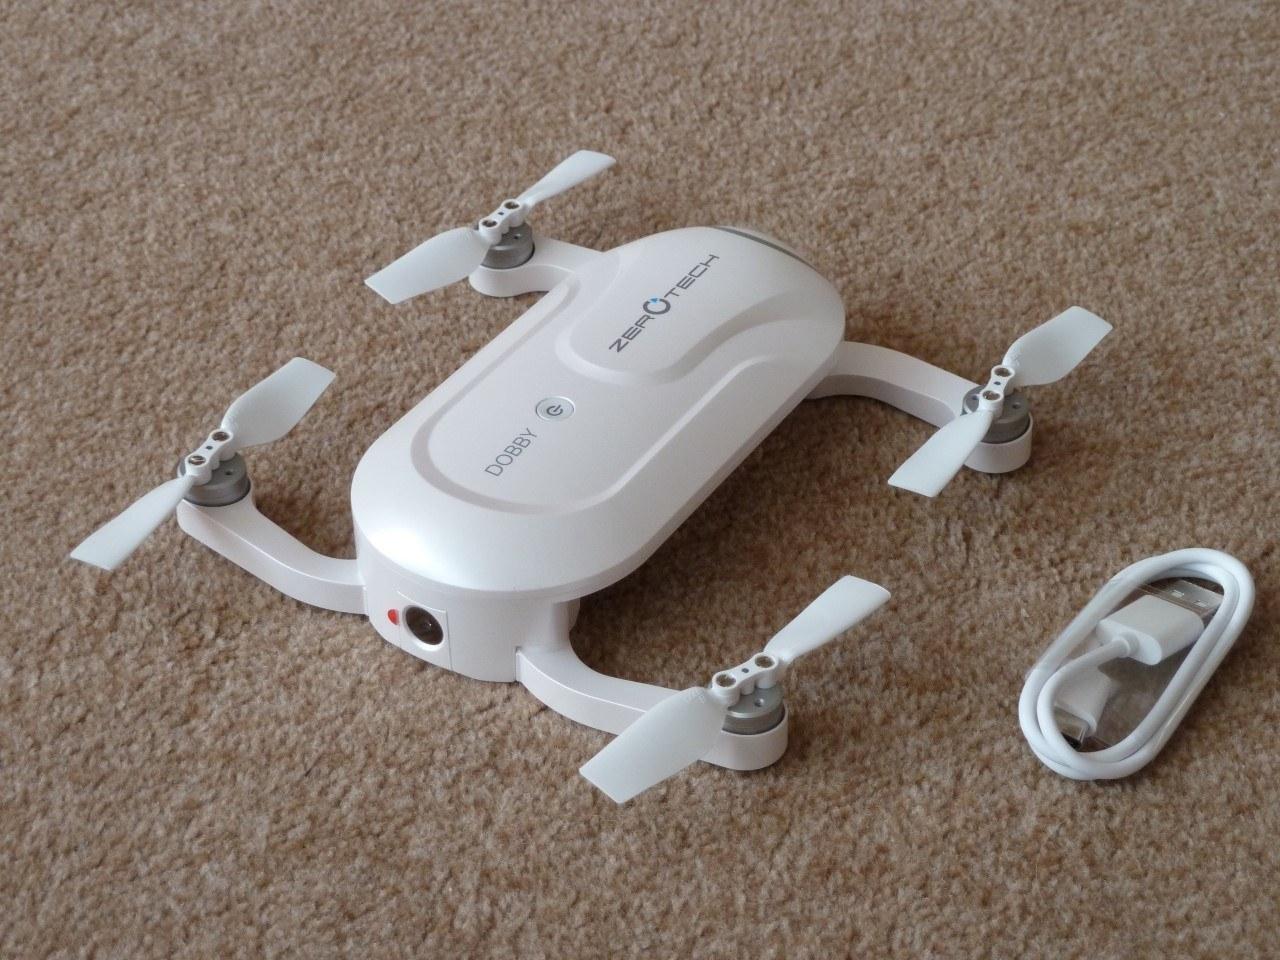 Dobby Pocket Selfie Drone by ZEROTECH